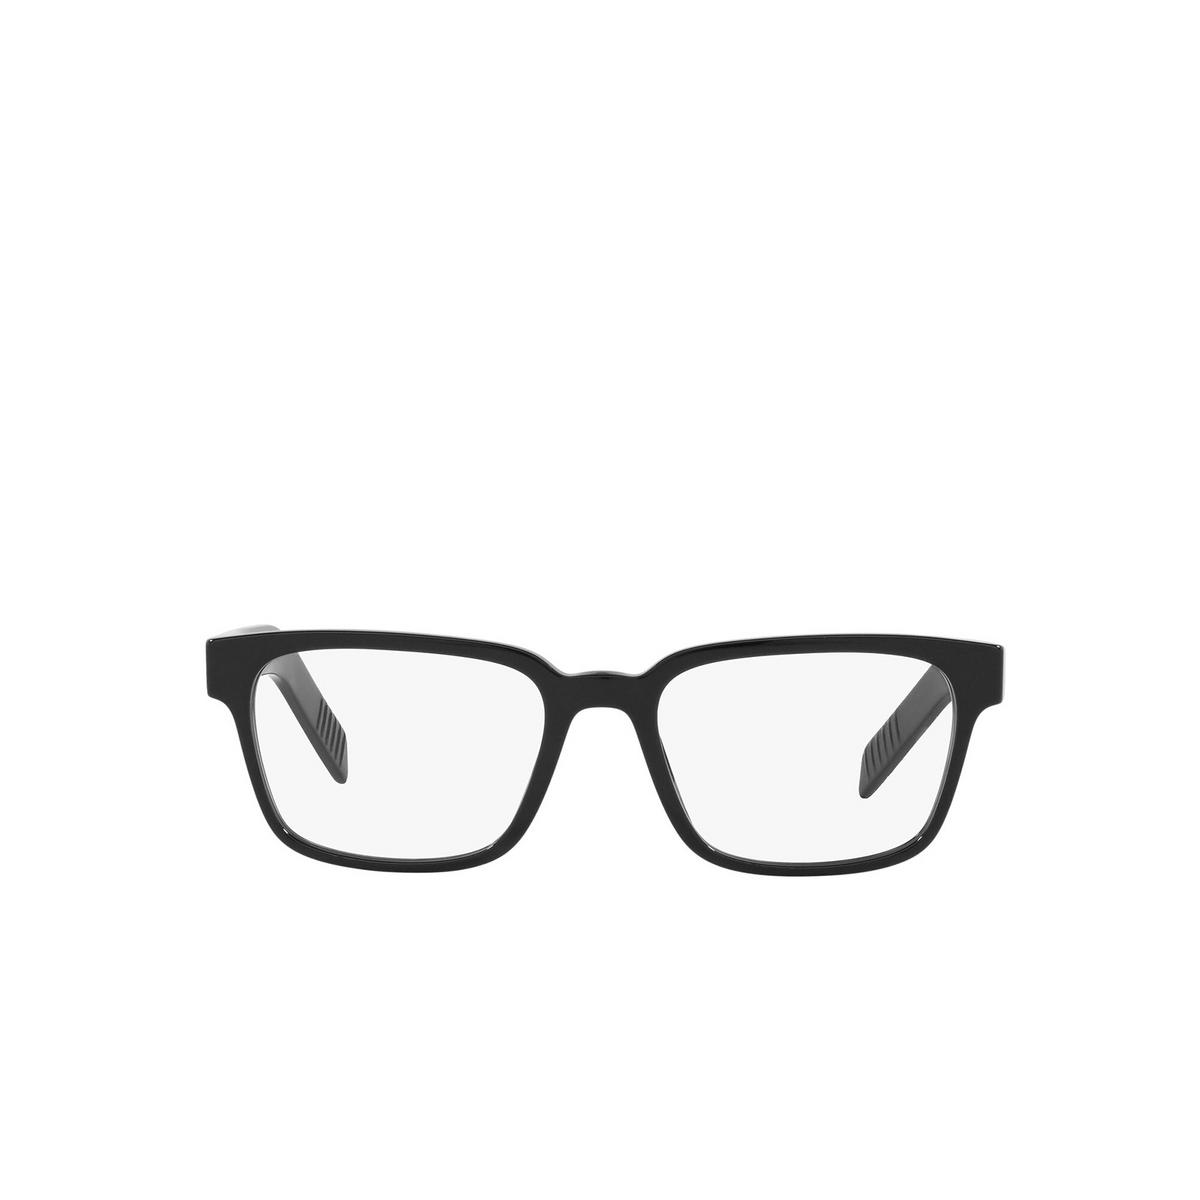 Prada® Rectangle Eyeglasses: PR 15WV color Black 1AB1O1 - front view.